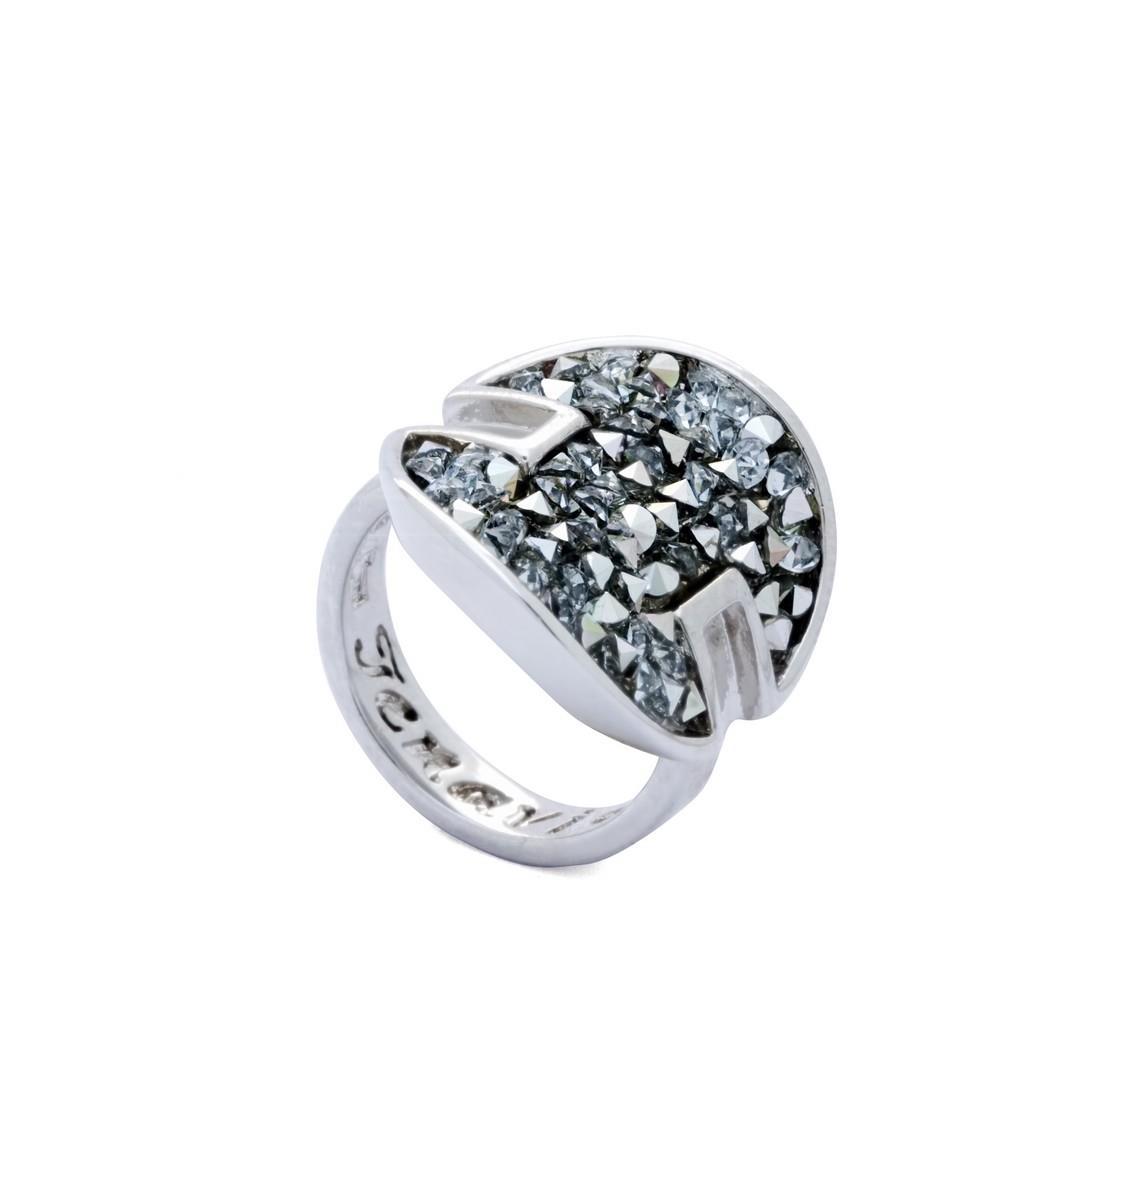 Кольцо Jenavi Октейн, цвет: серебряный, белый. j939f000. Размер 17j939f000Элегантное кольцо Jenavi Октейн выполнено из гипоаллергенного ювелирного сплава, оформлено символикой бренда и кристаллами Swarovski. Стильное кольцо придаст вашему образу изюминку, подчеркнет индивидуальность.